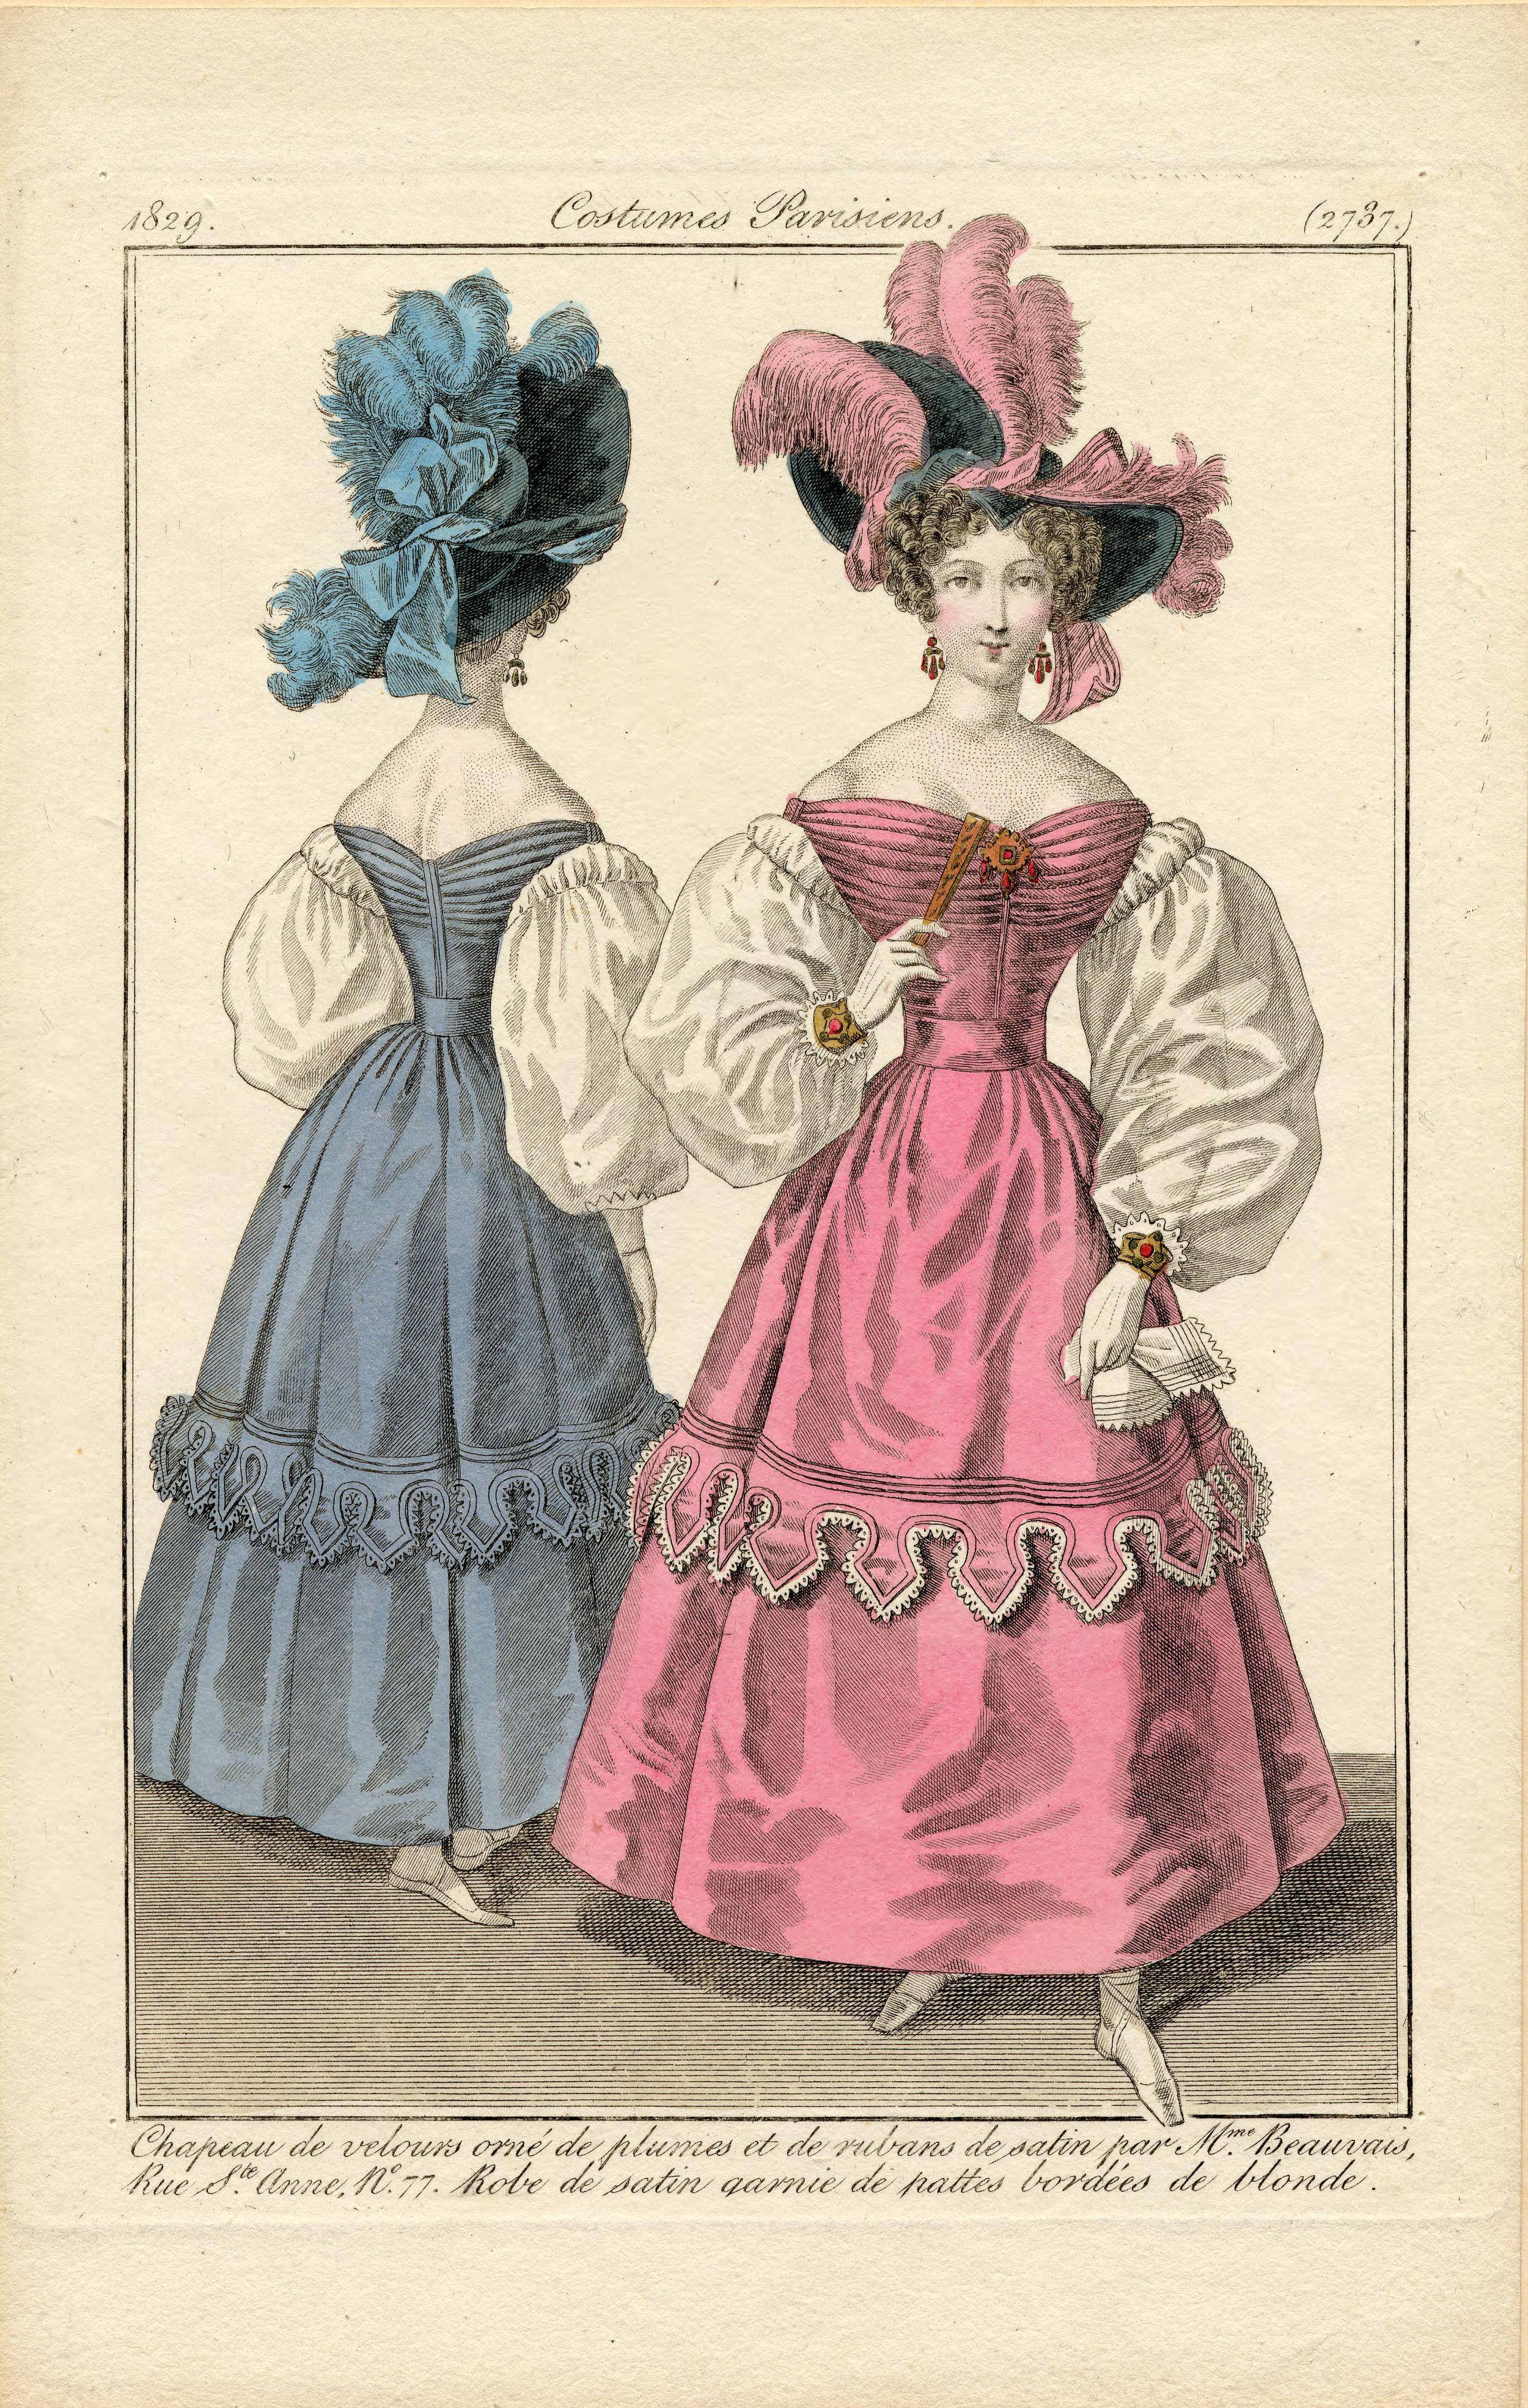 Paris_fashions_1829.jpg